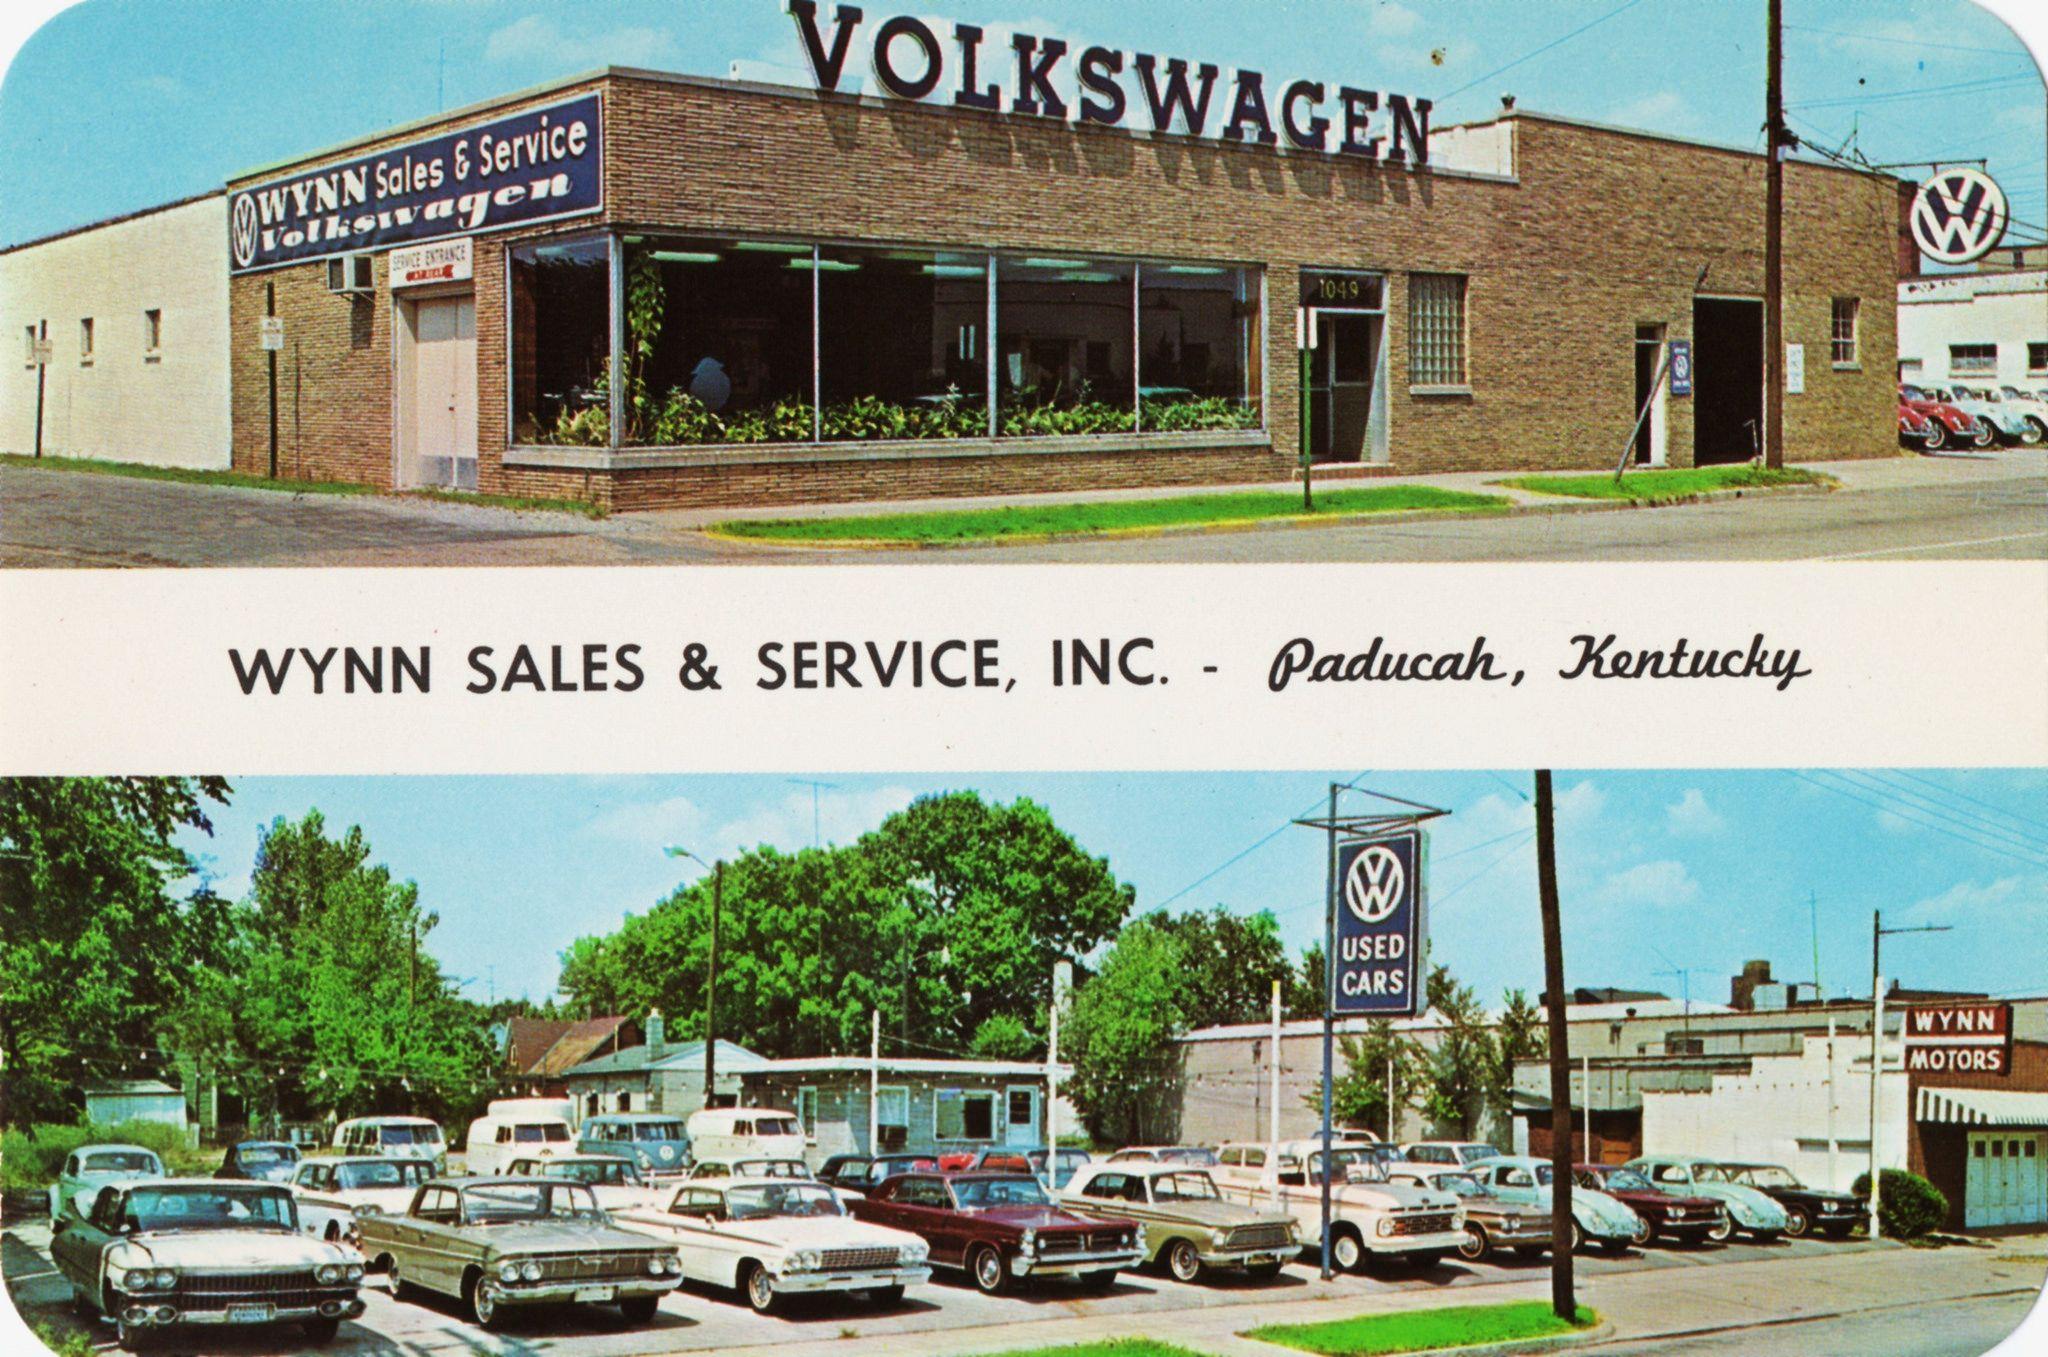 Wynn Sales & Service, Volkswagen Dealership, Paducah